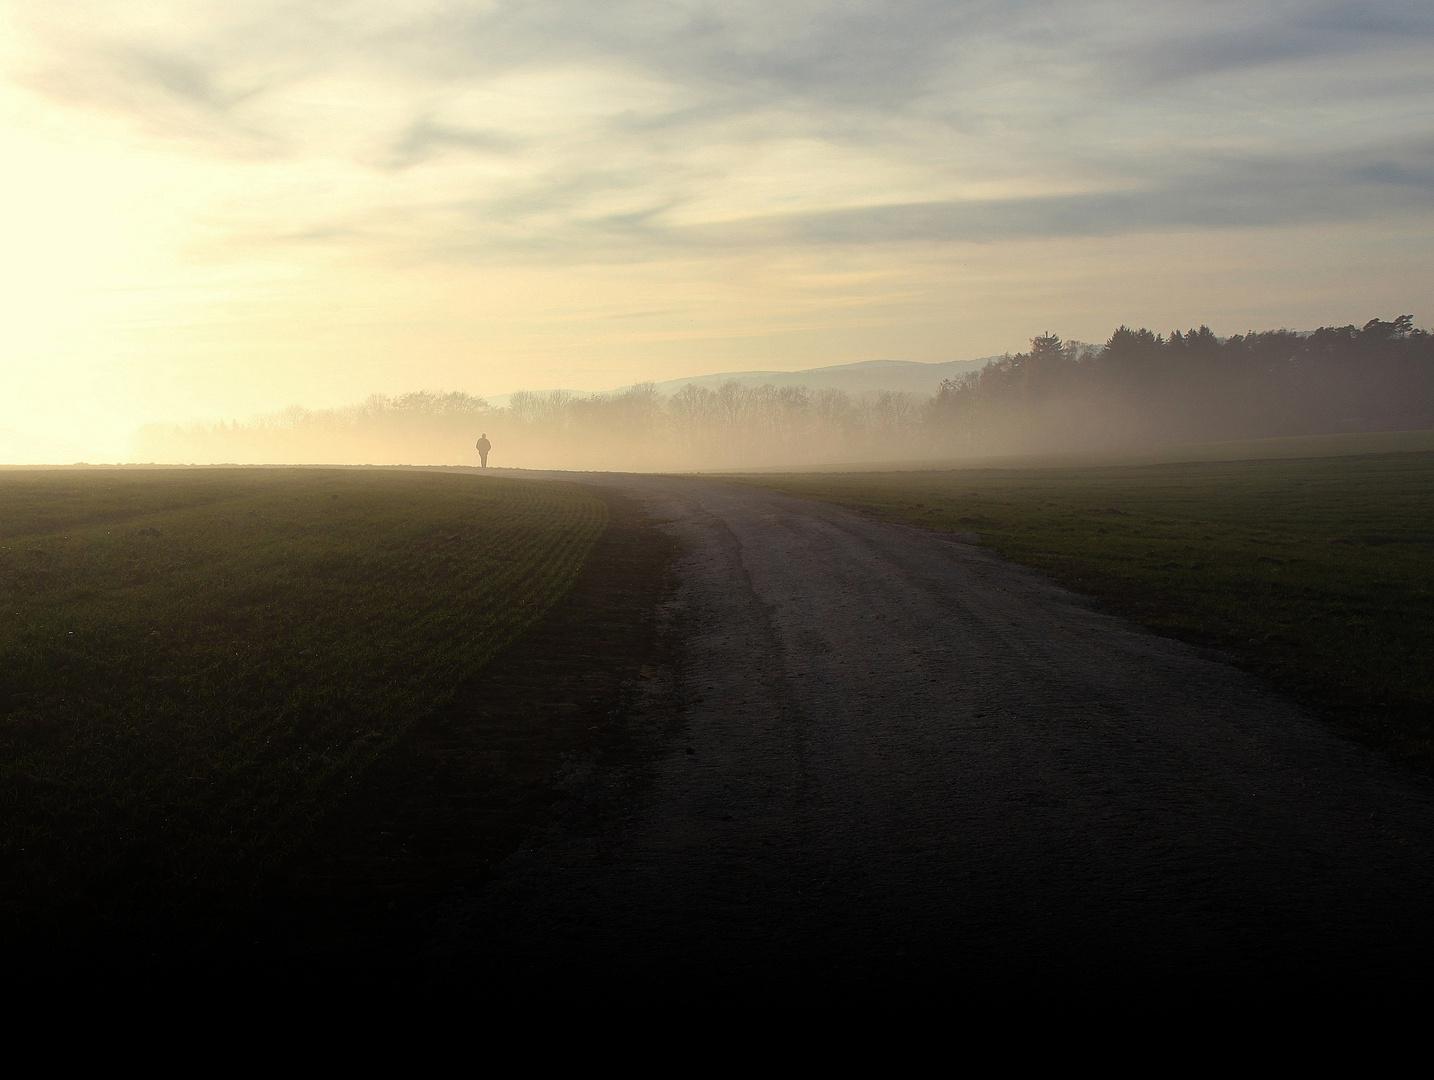 Ende November, über dem Nebel